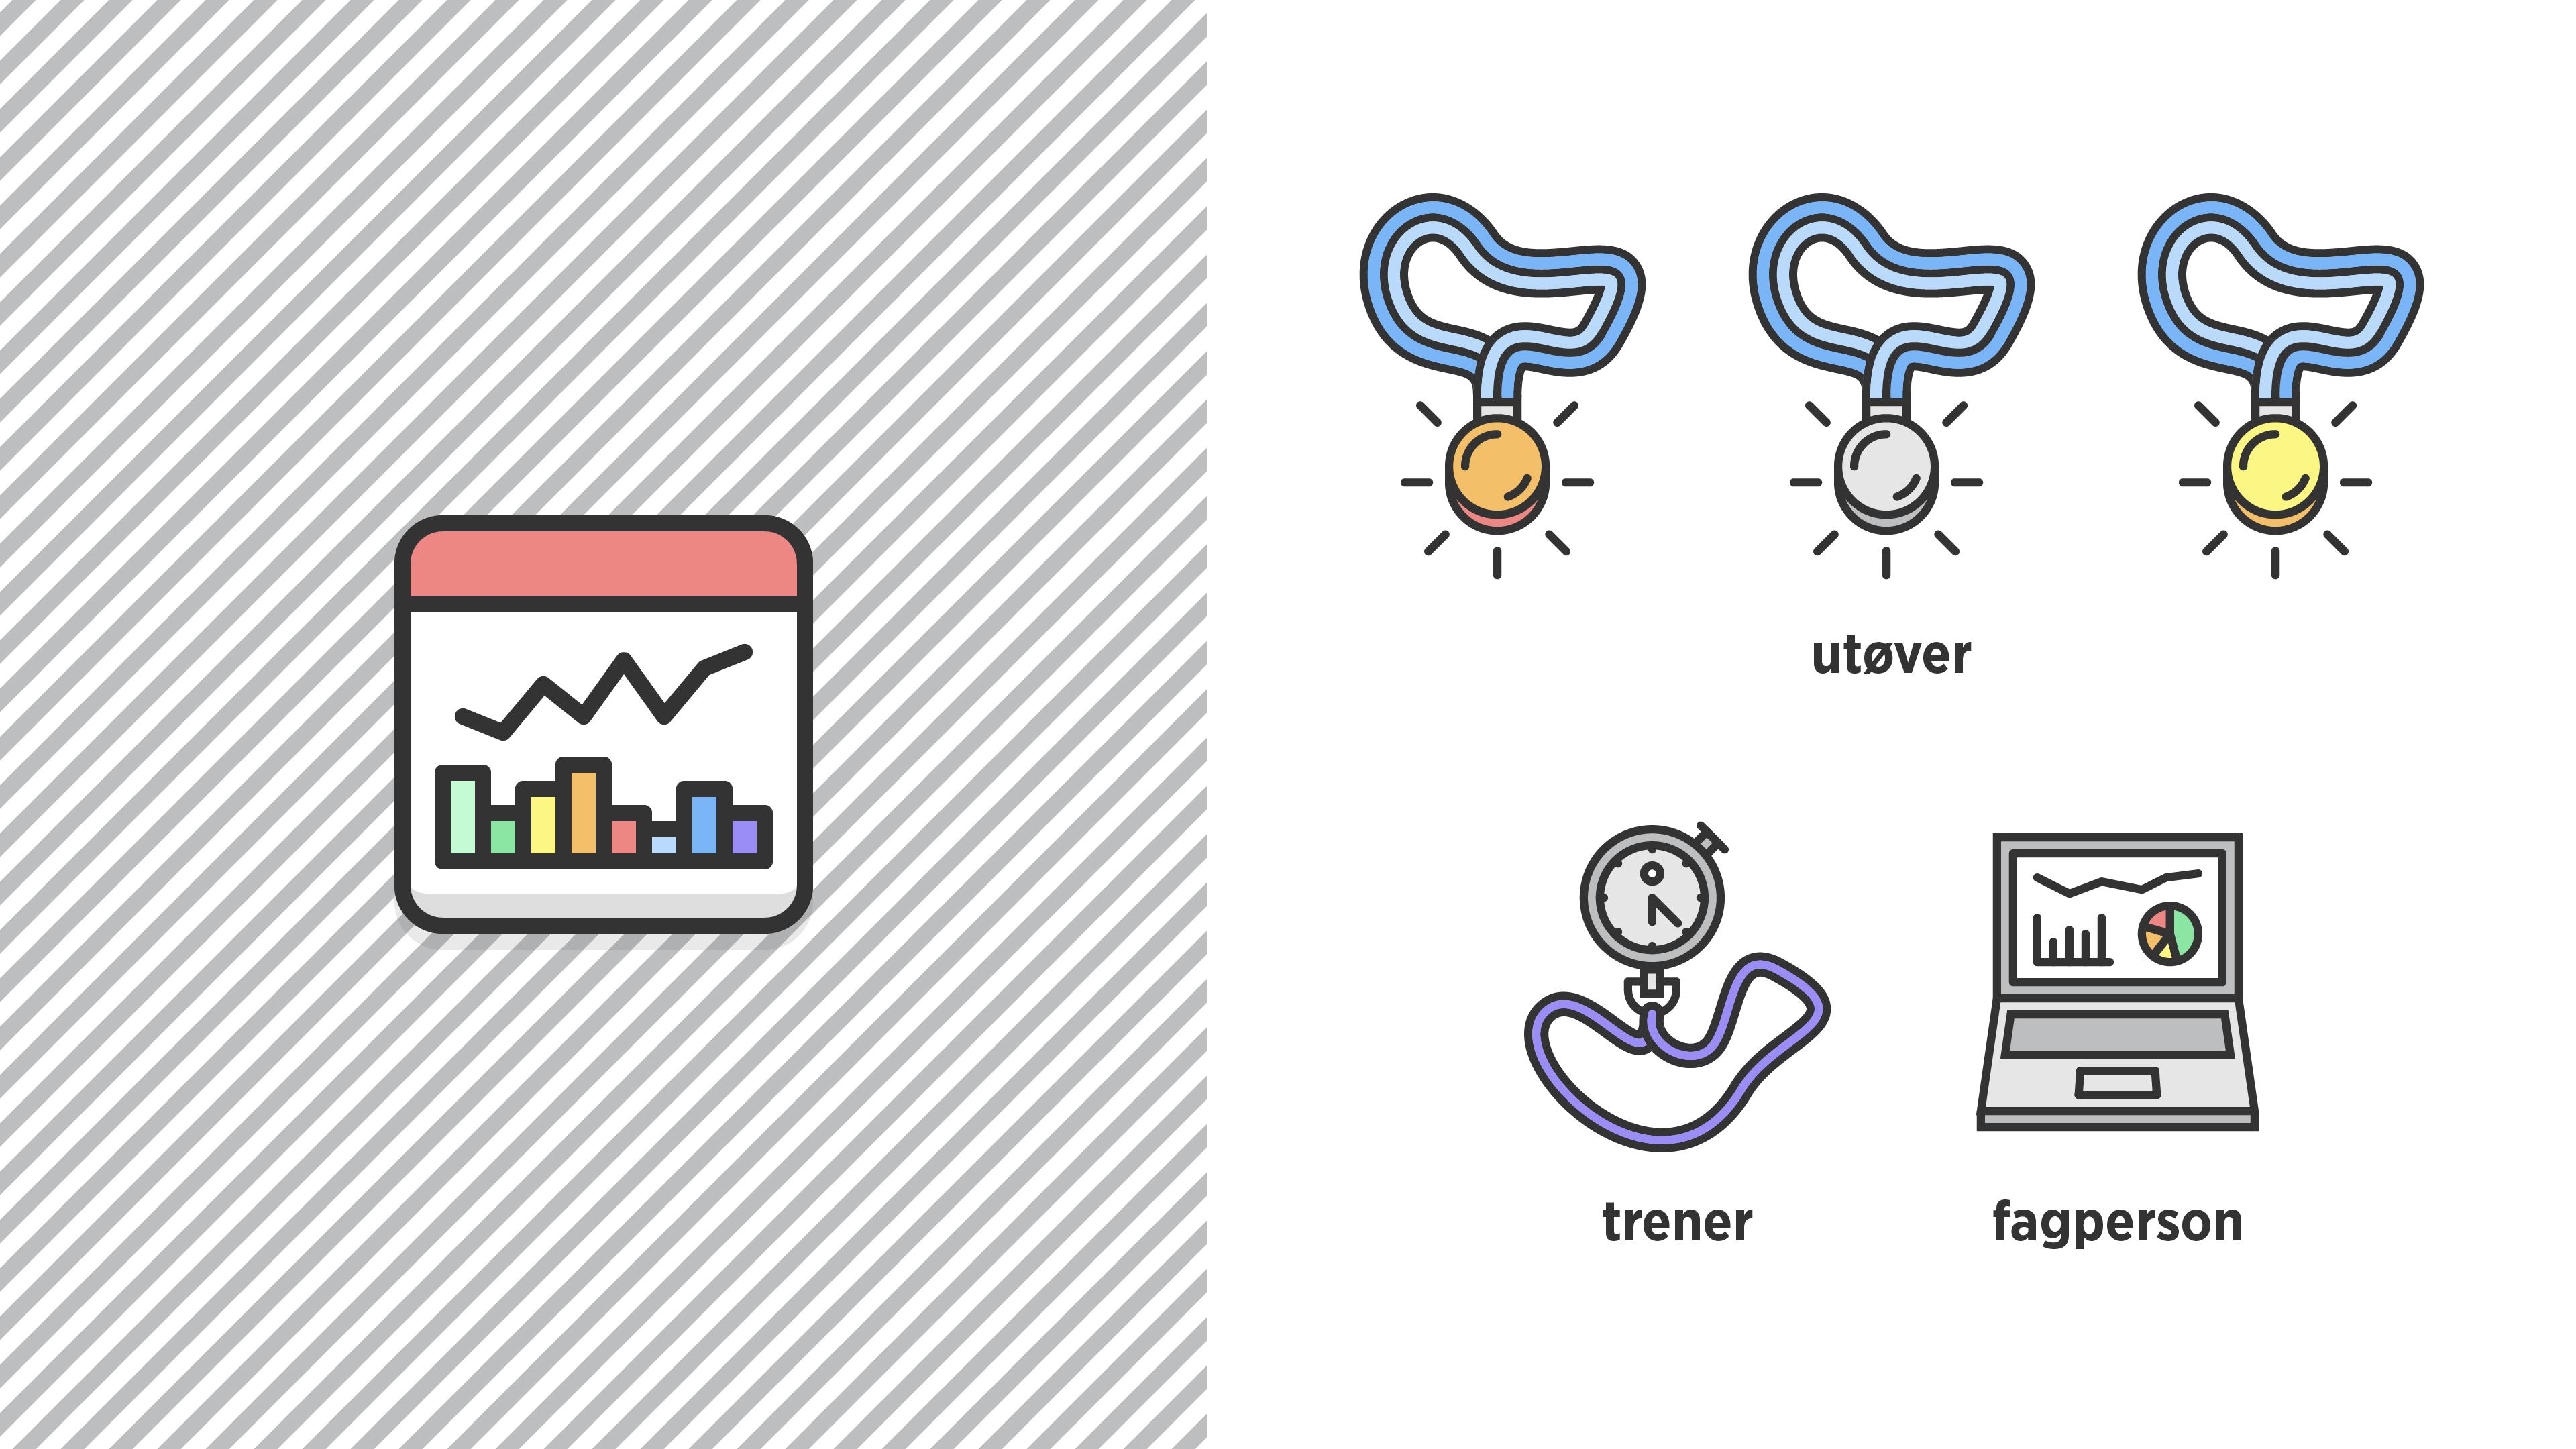 App og brukertype ikoner.